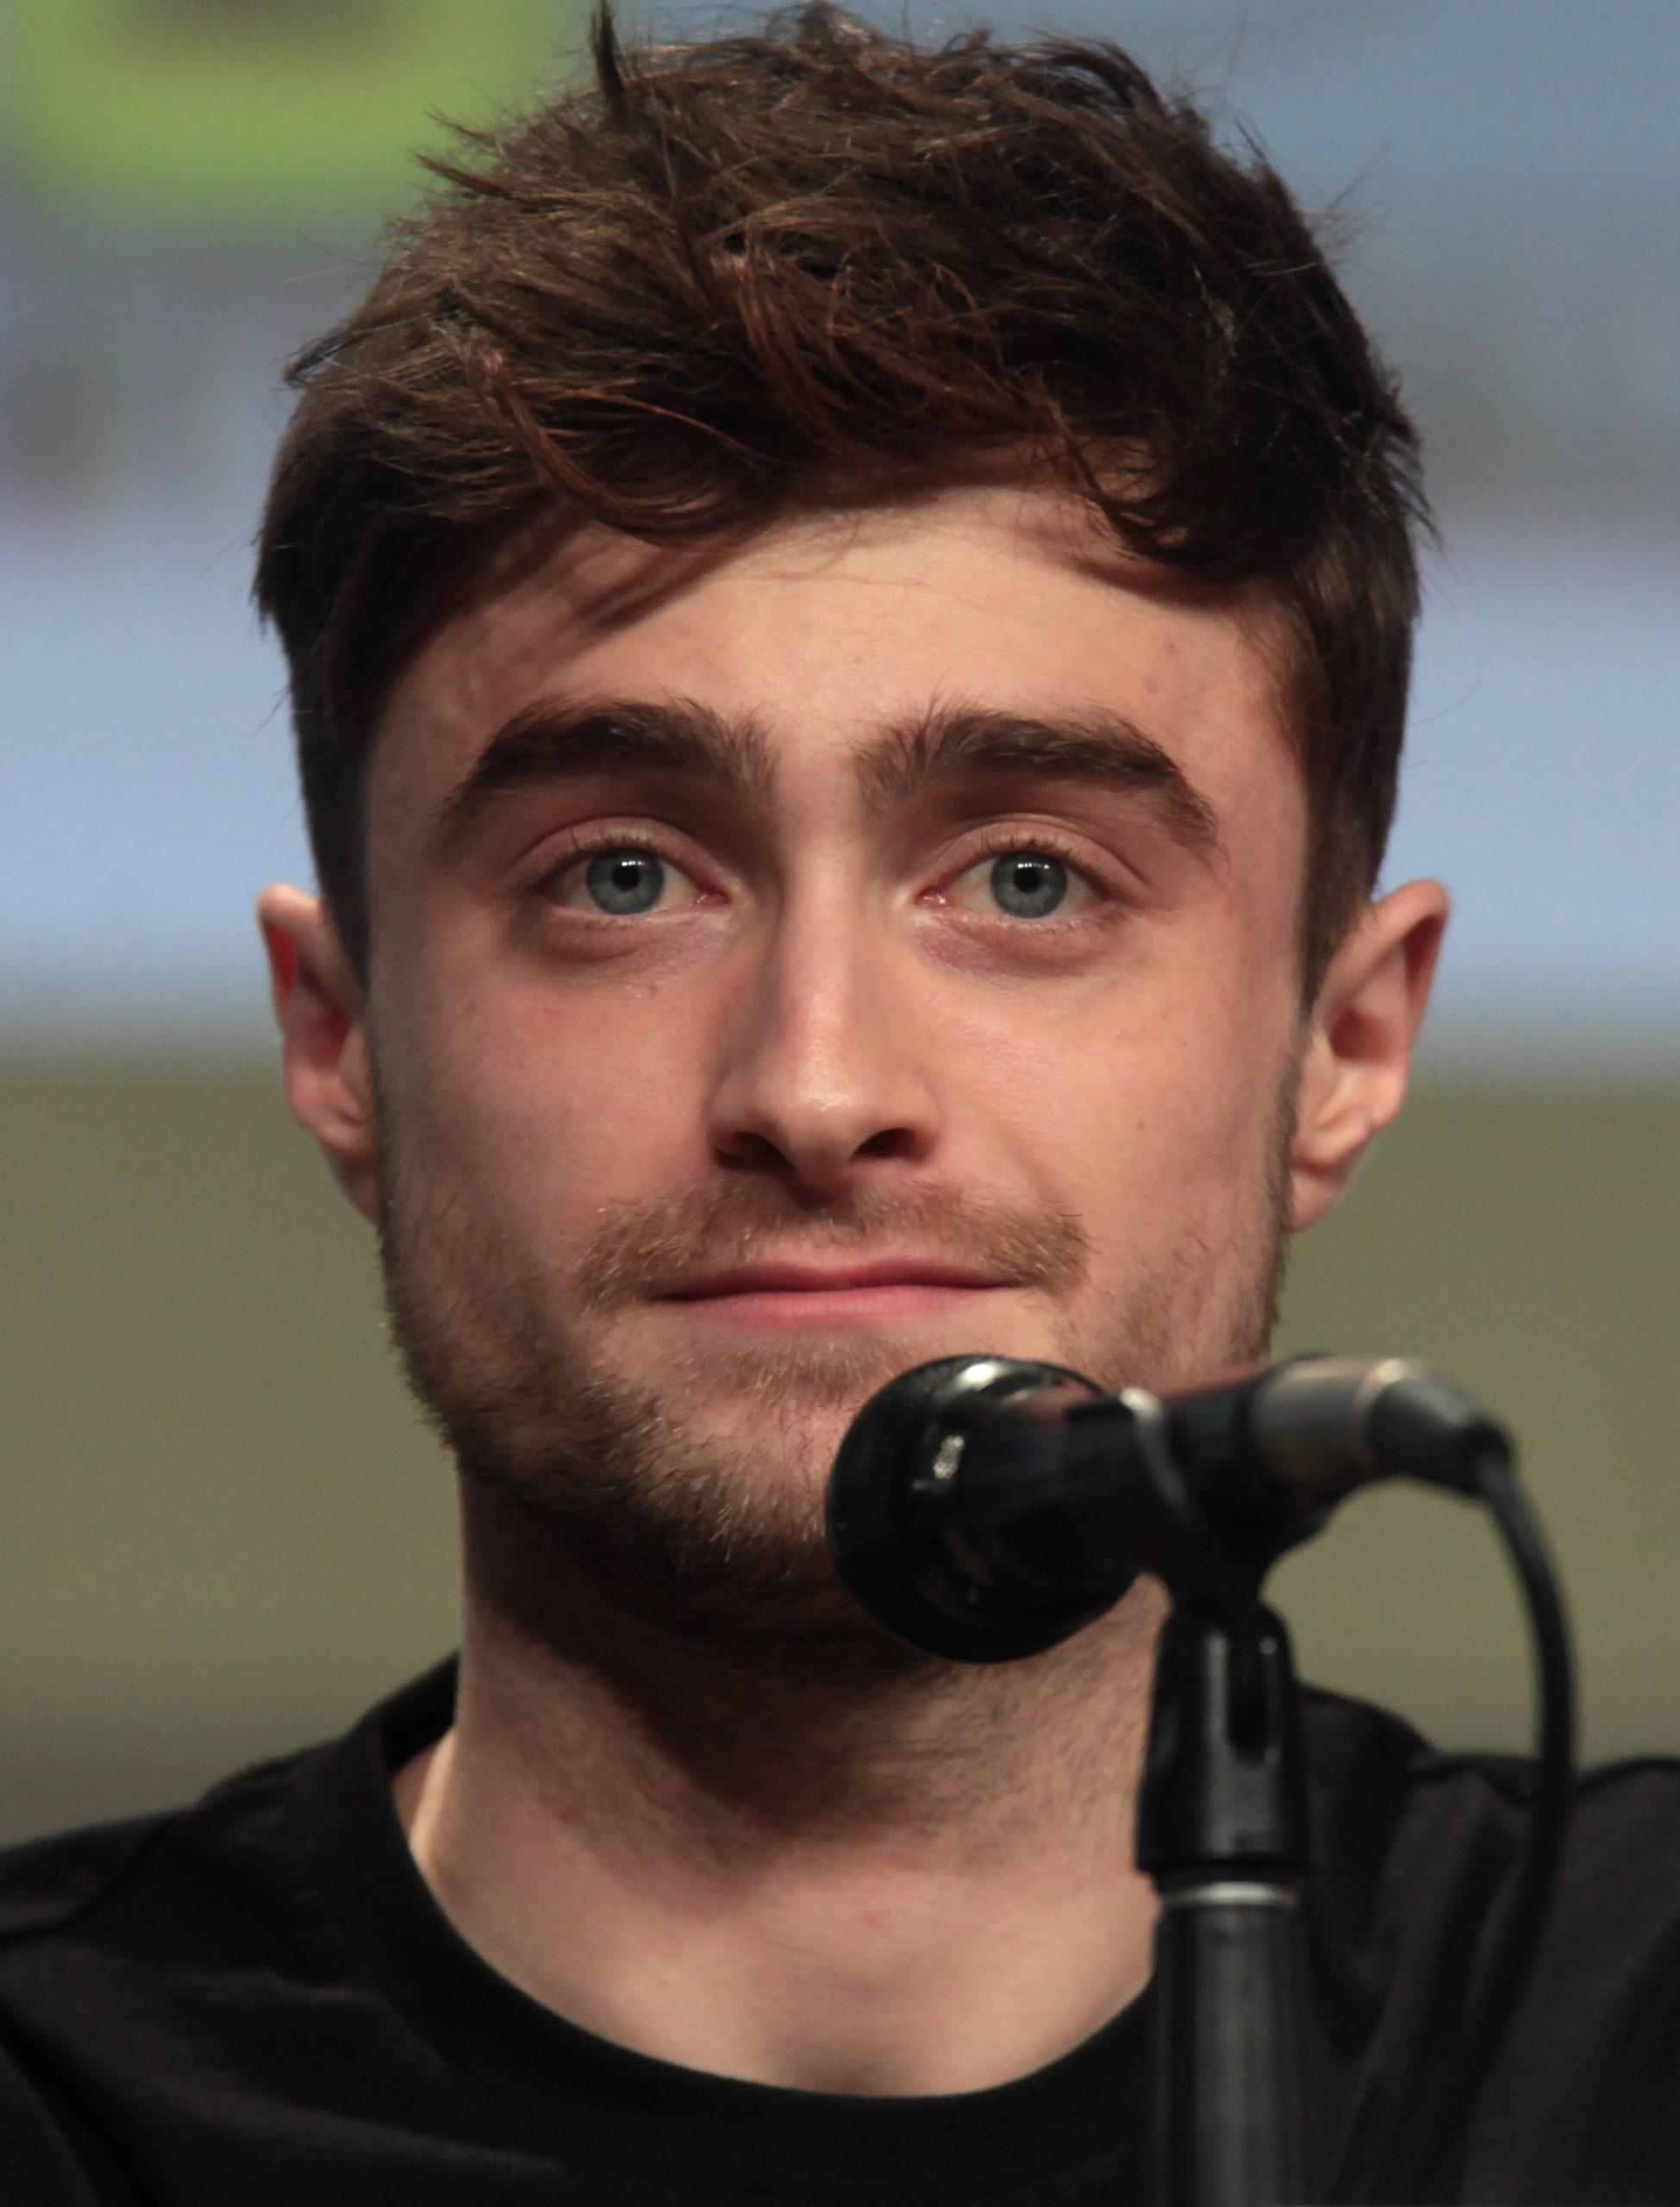 Ο Daniel Radcliffe διαβάζει online το βιβλίο του Harry Potter